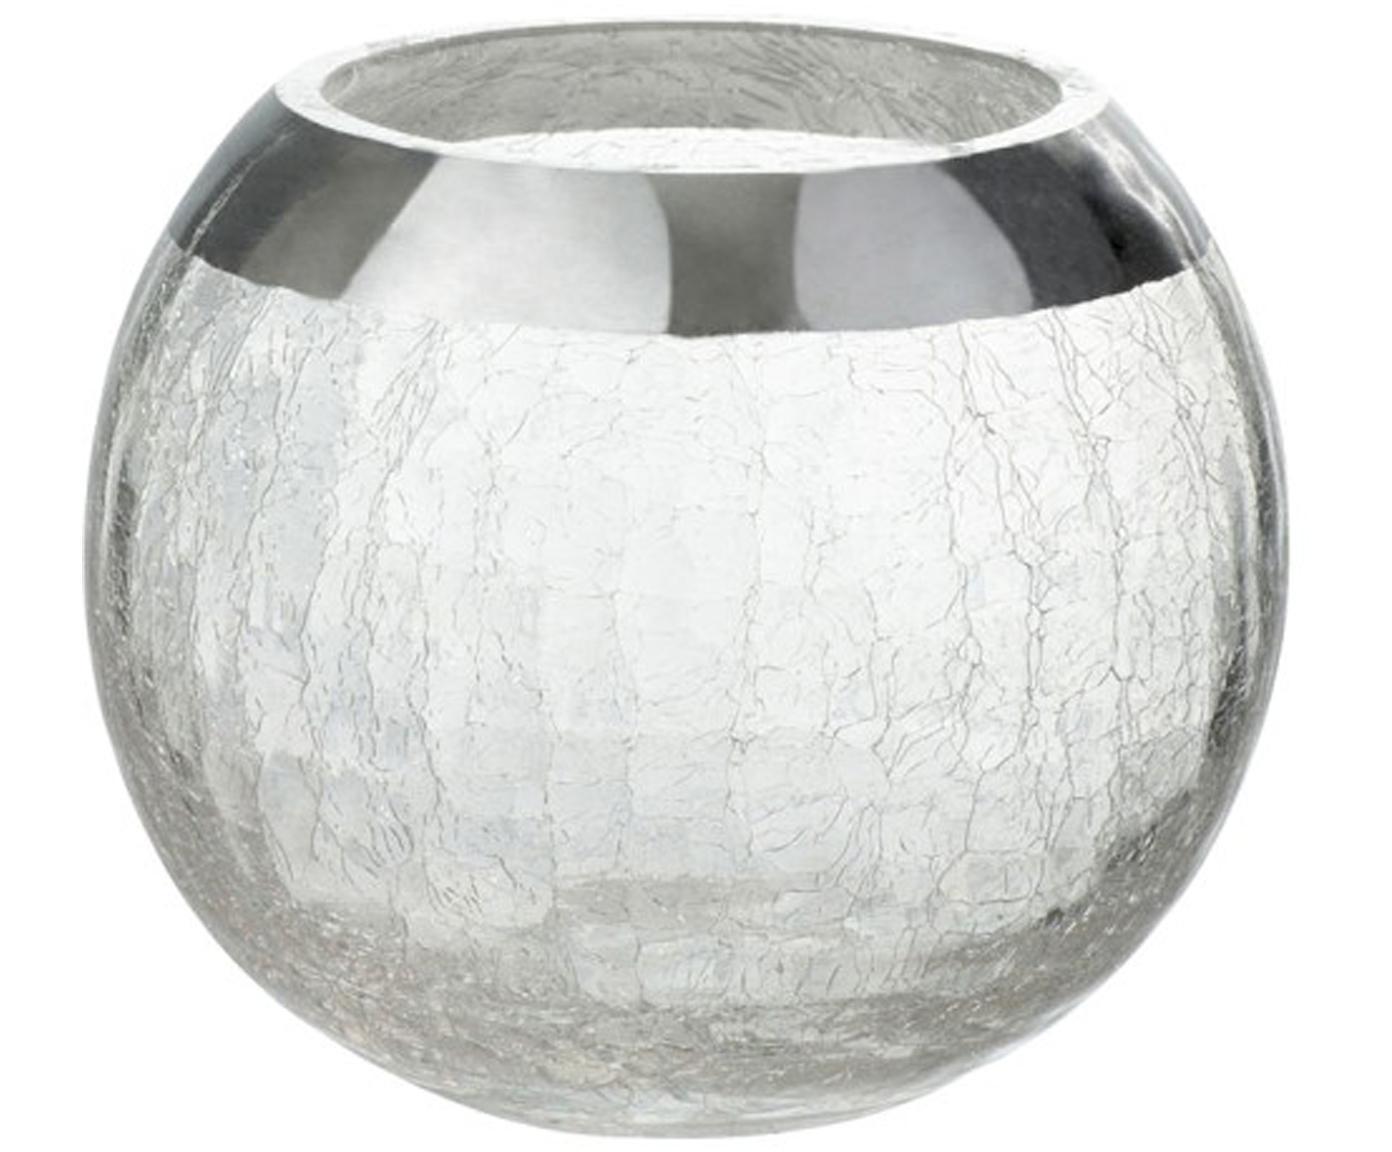 Teelichthalter Lackle, Glas, lackiert, Transparent, Silberfarben, Ø 14 x H 11 cm